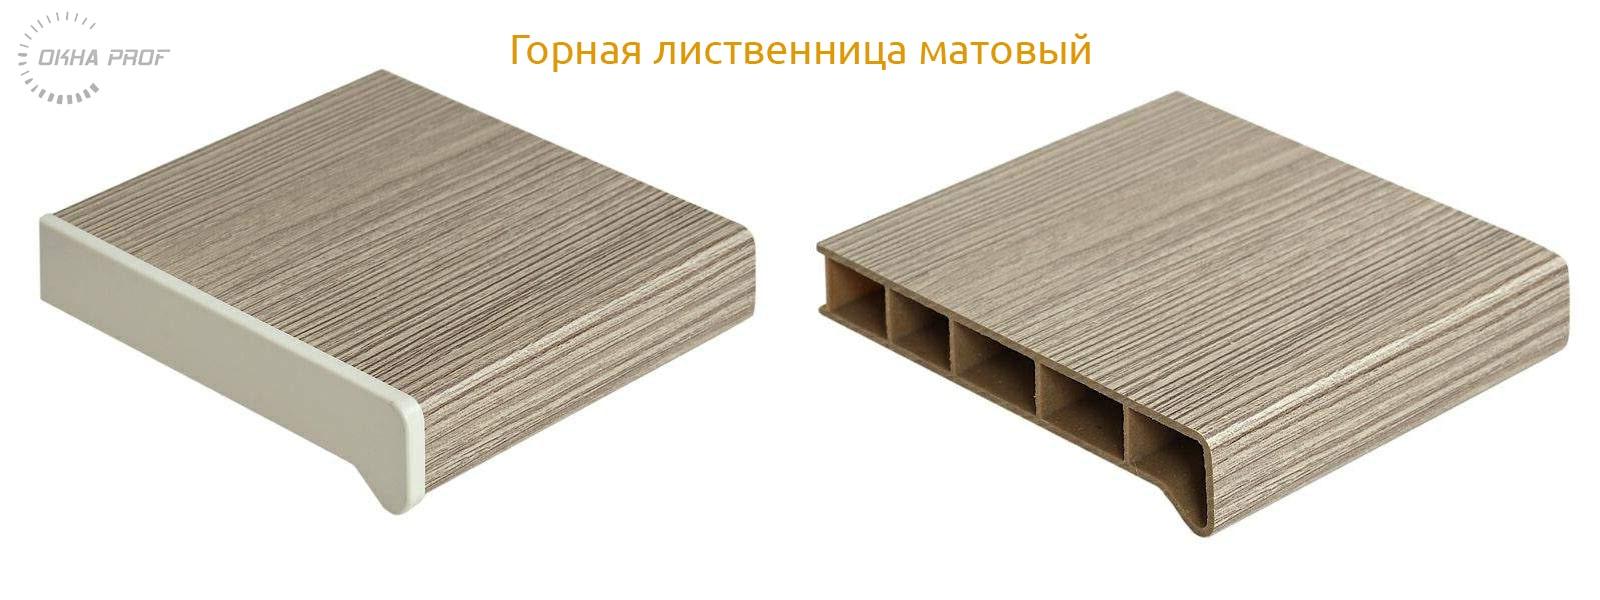 podokonnik-decor-donetsk-oknaprof-moeller-004